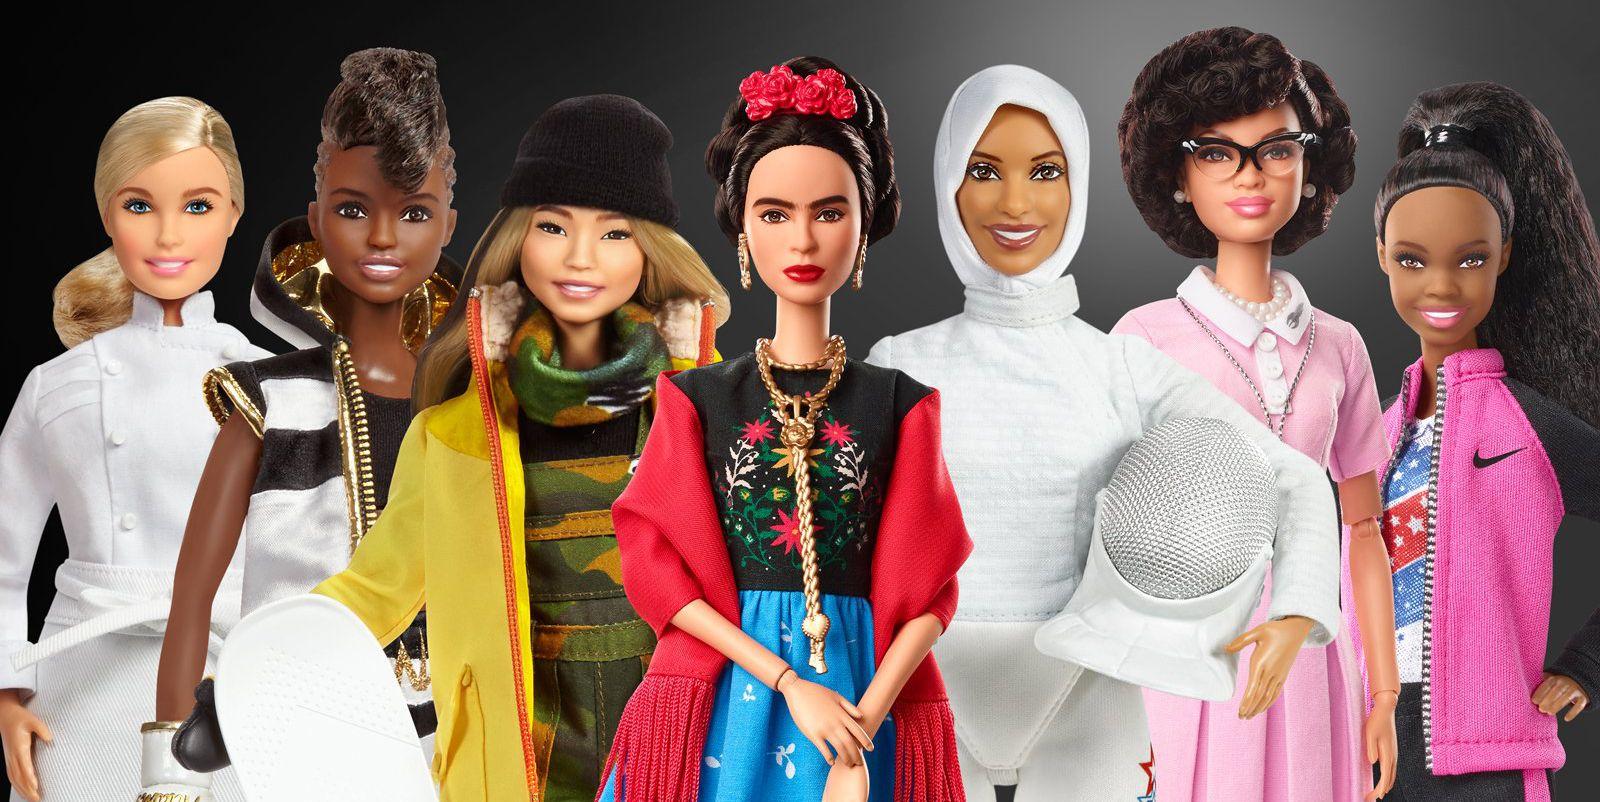 บาร์บี้ต้อนรับวันสตรีสากล เชิดชูพลังหญิง สร้างแรงบันดาลใจให้เด็กหญิงทั่วโลก